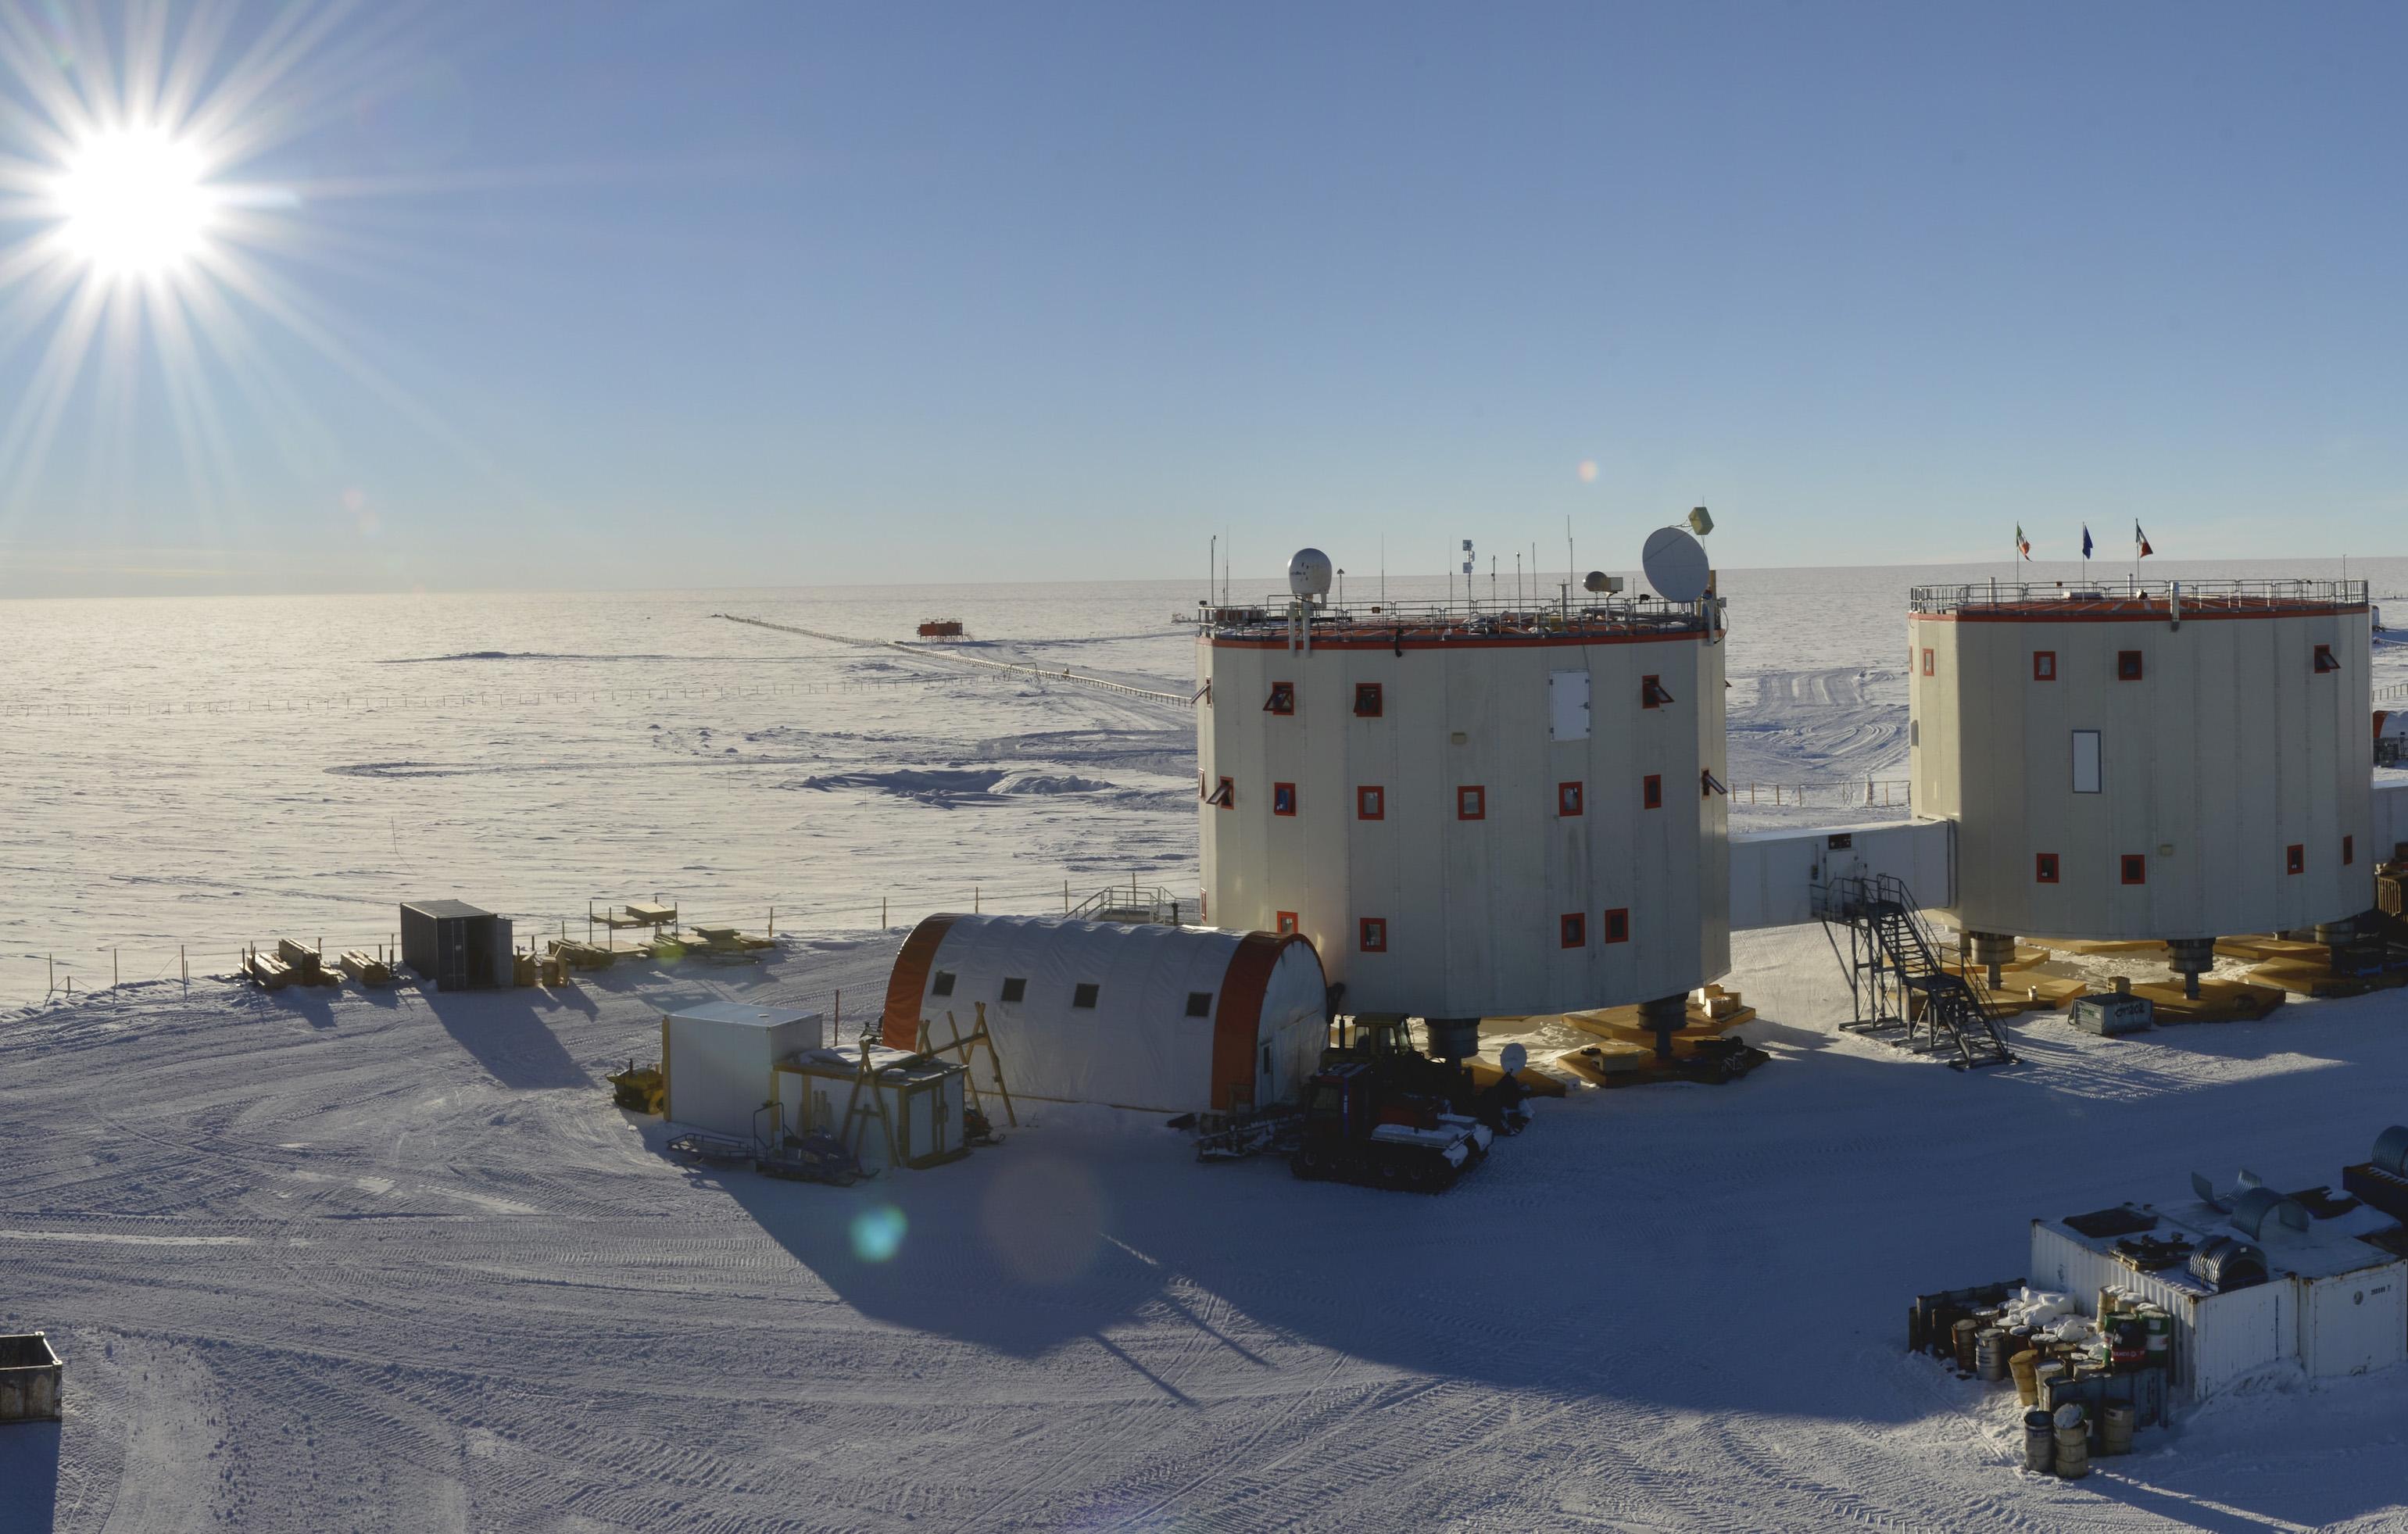 """Come funziona la Stazione Concordia nell'altopiano antartico: """"un termometro della salute del Pianeta"""" - Life"""